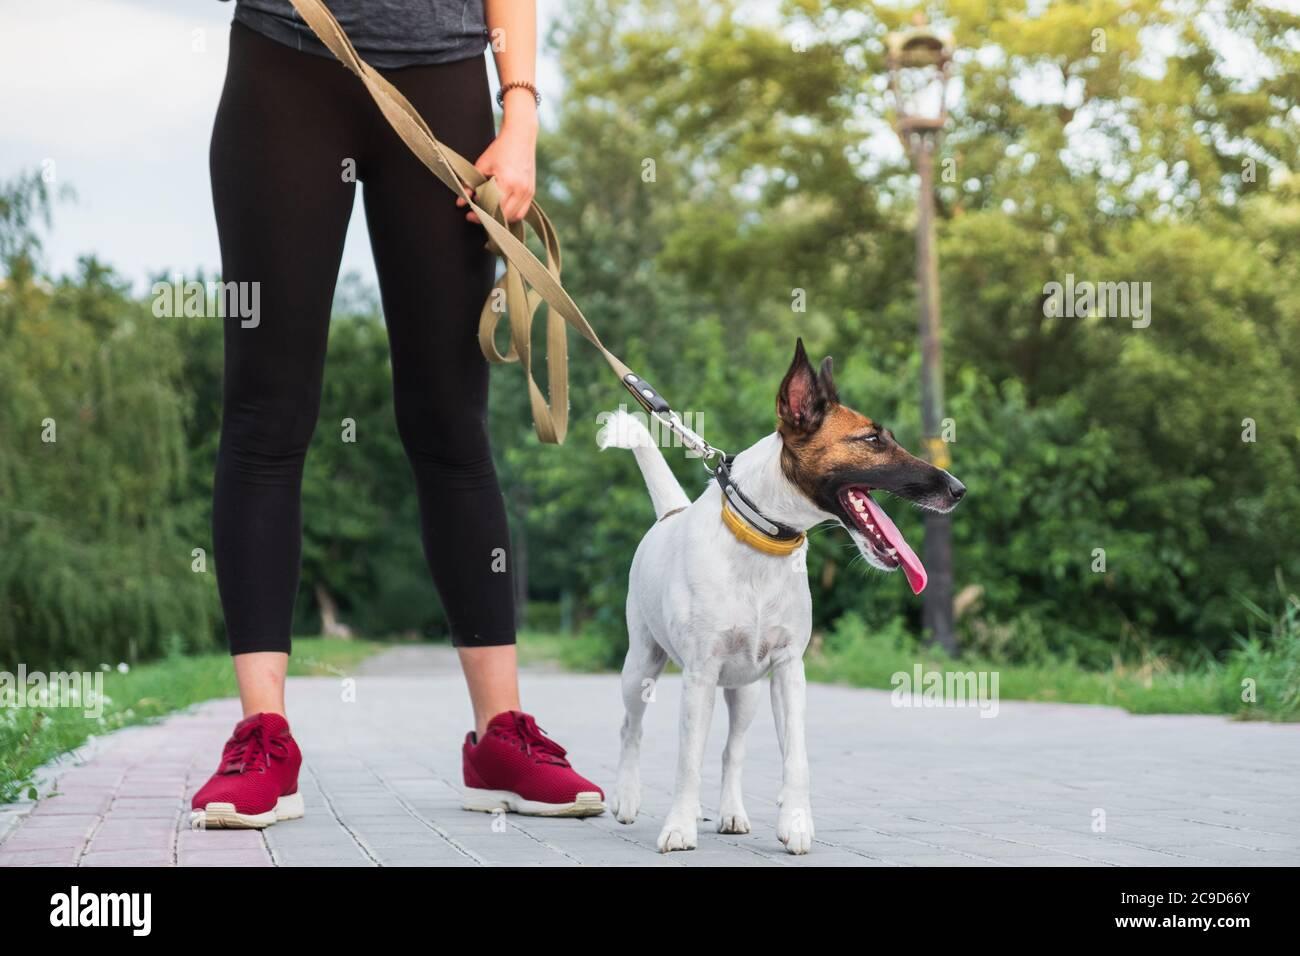 Perro en la correa con jogger. Correr, hacer ejercicio con mascotas, estilo de vida activo en la ciudad, mujer corriendo con su terrier zorro Foto de stock